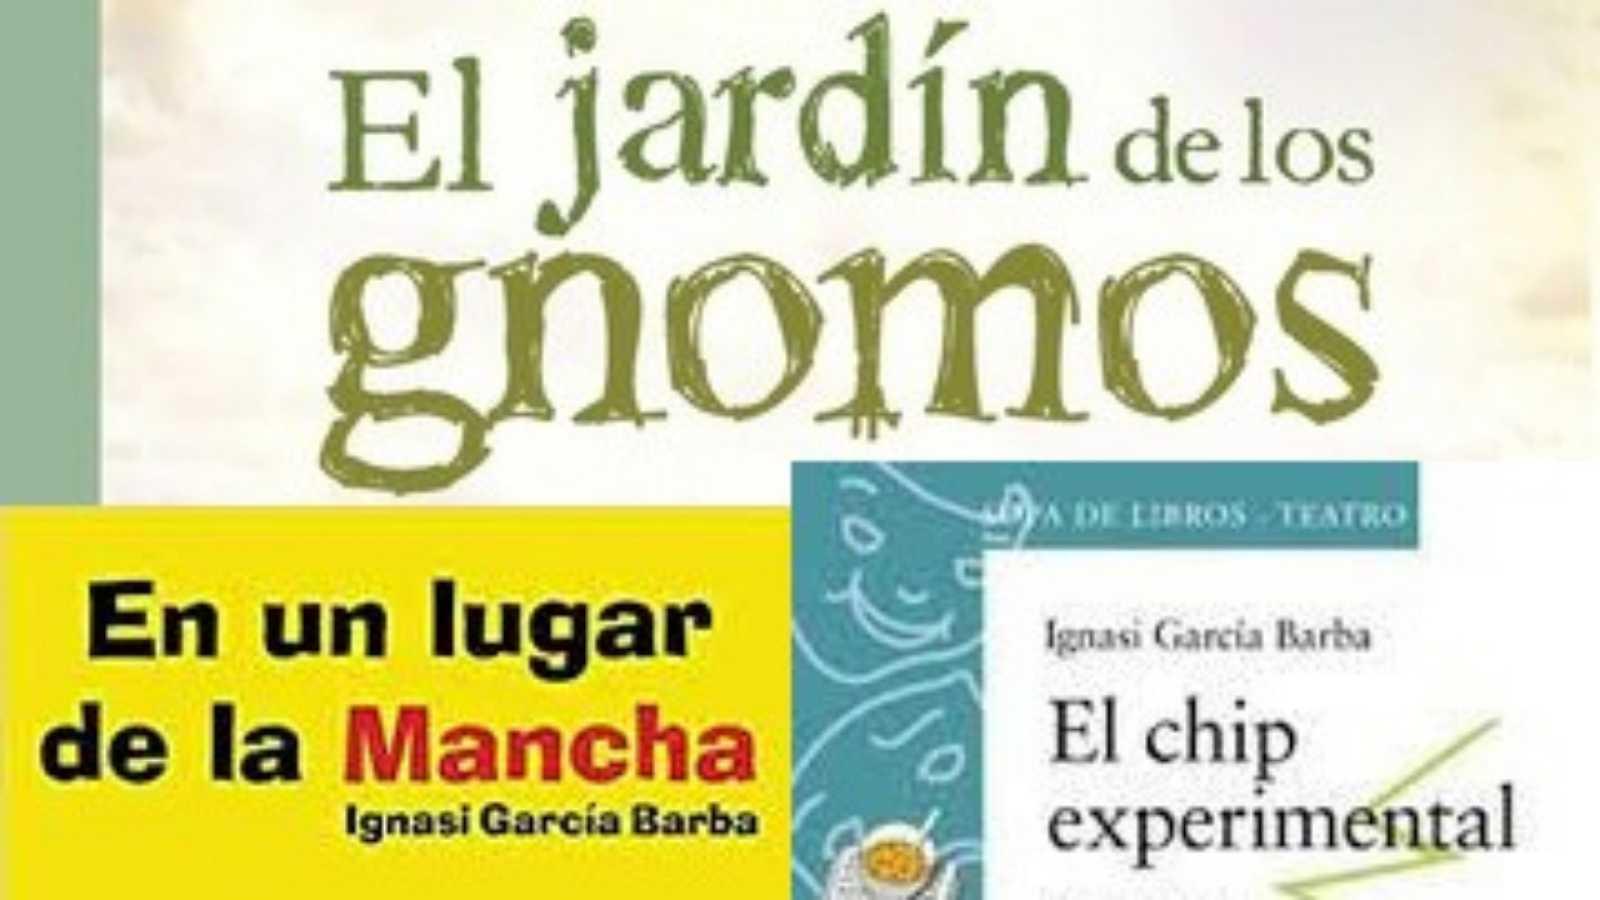 Educar para la paz -  El teatro como herramienta educativa con Ignasi García Barba - 21/04/21 - Escuchar ahora